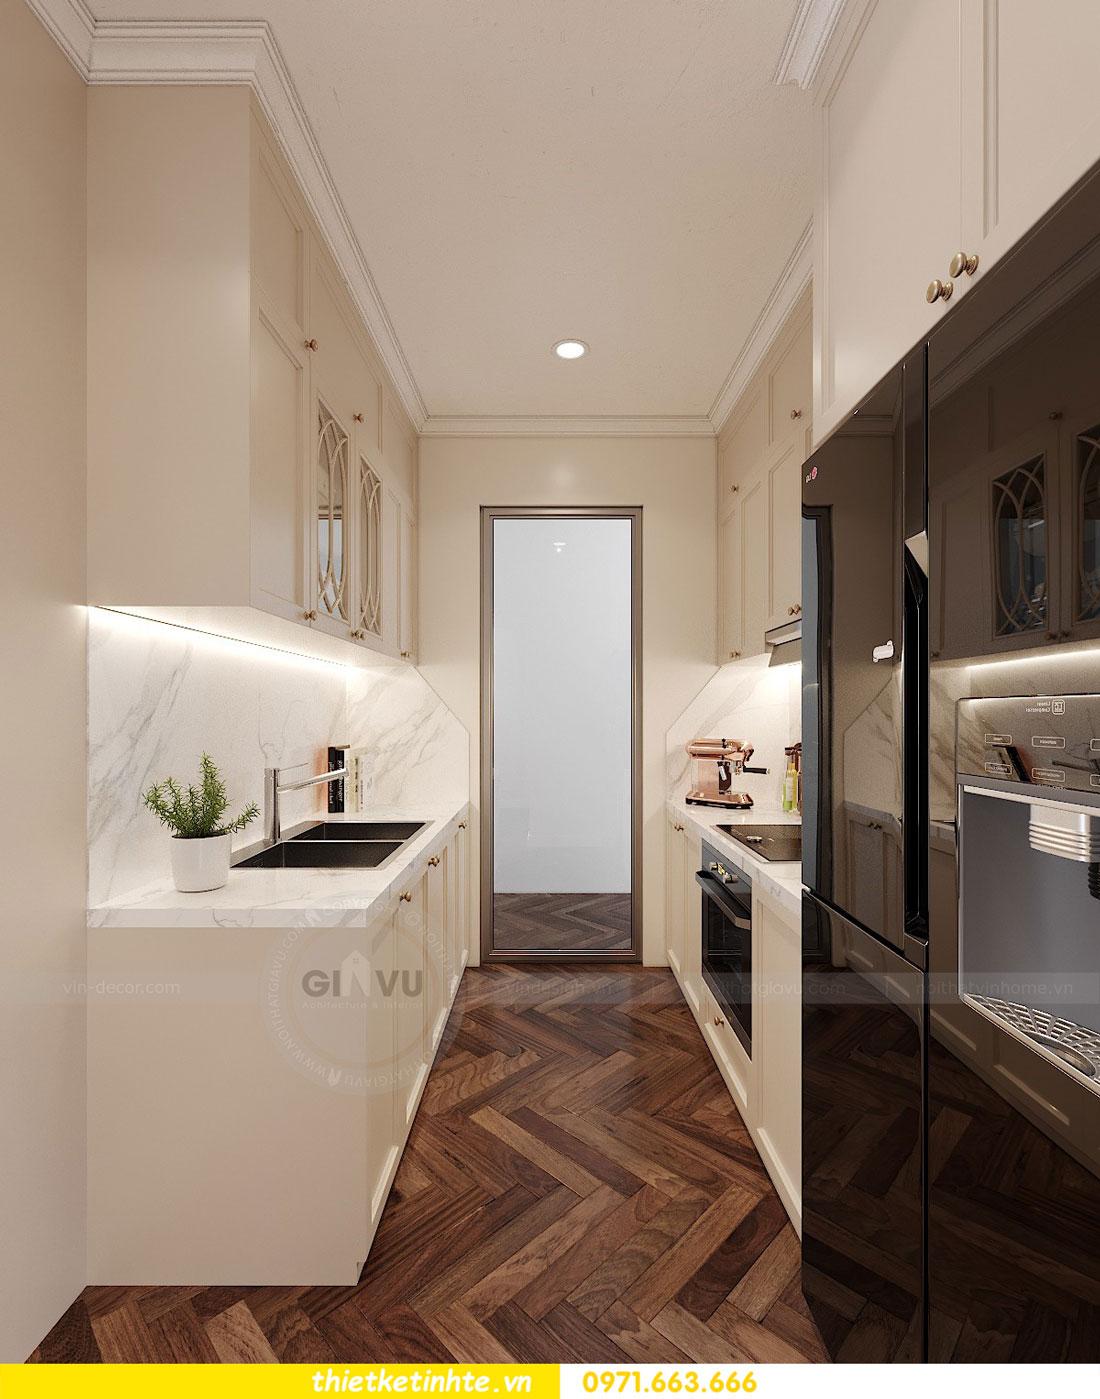 thiết kế nội thất chung cư DCapitale tòa C7 căn 12 chị Hương 06